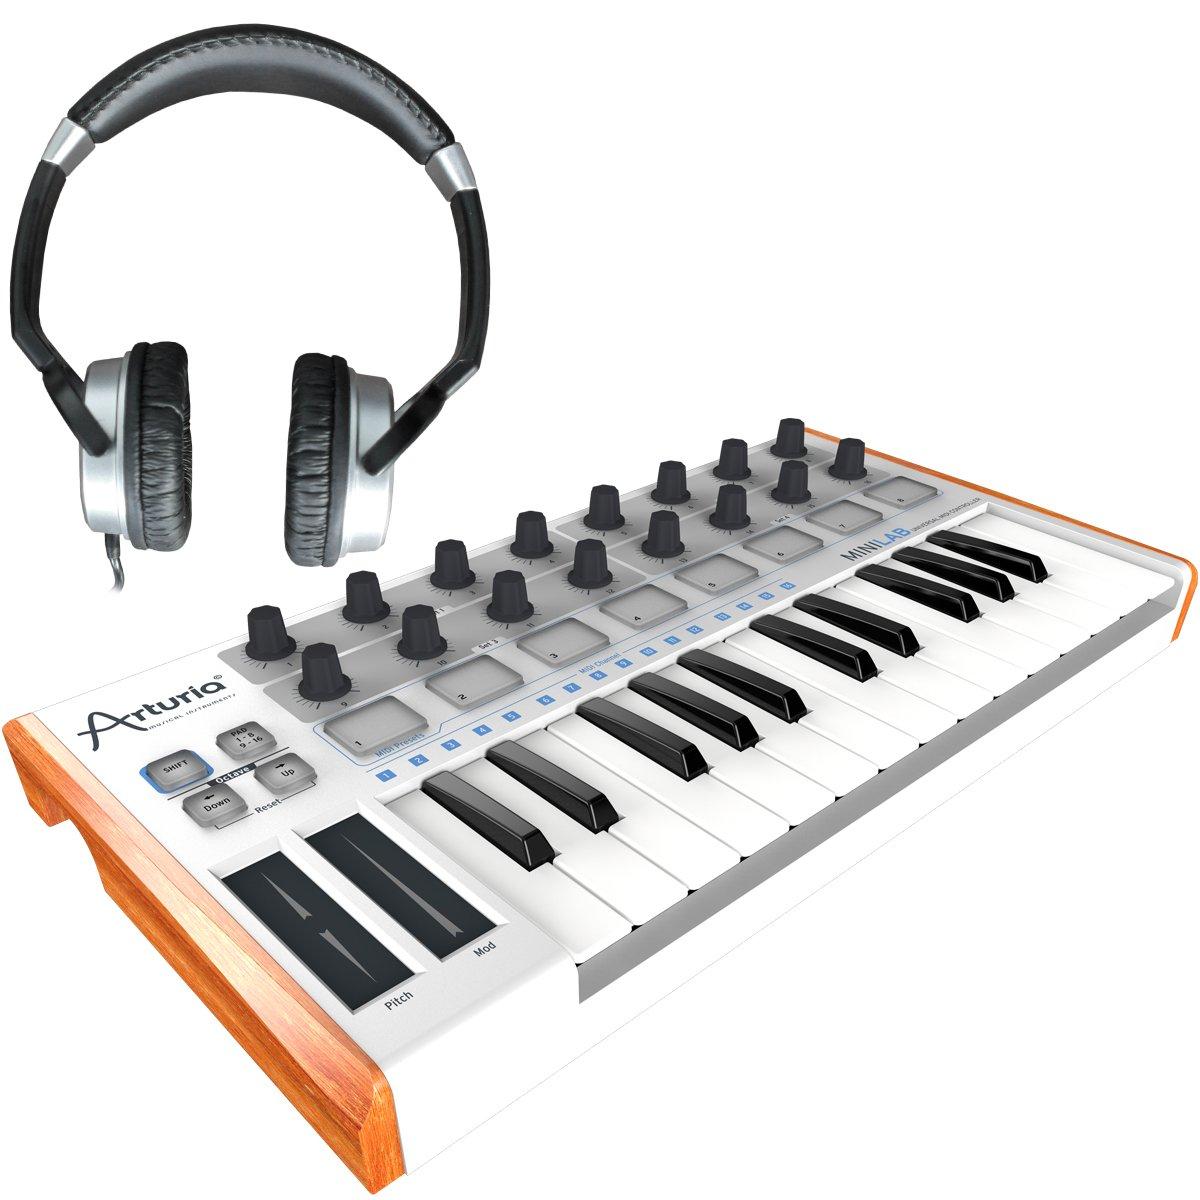 Arturia Mini Lab Incluye Numark HF de 125 V2 | USB de - Controlador MIDI Keyboard, auriculares: Amazon.es: Instrumentos musicales